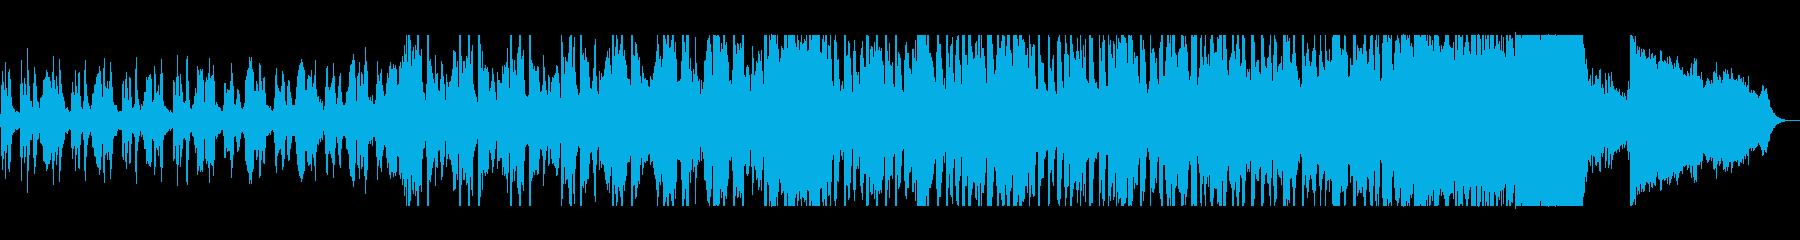 不安と希望混じりの壮大なシンセサイザー曲の再生済みの波形